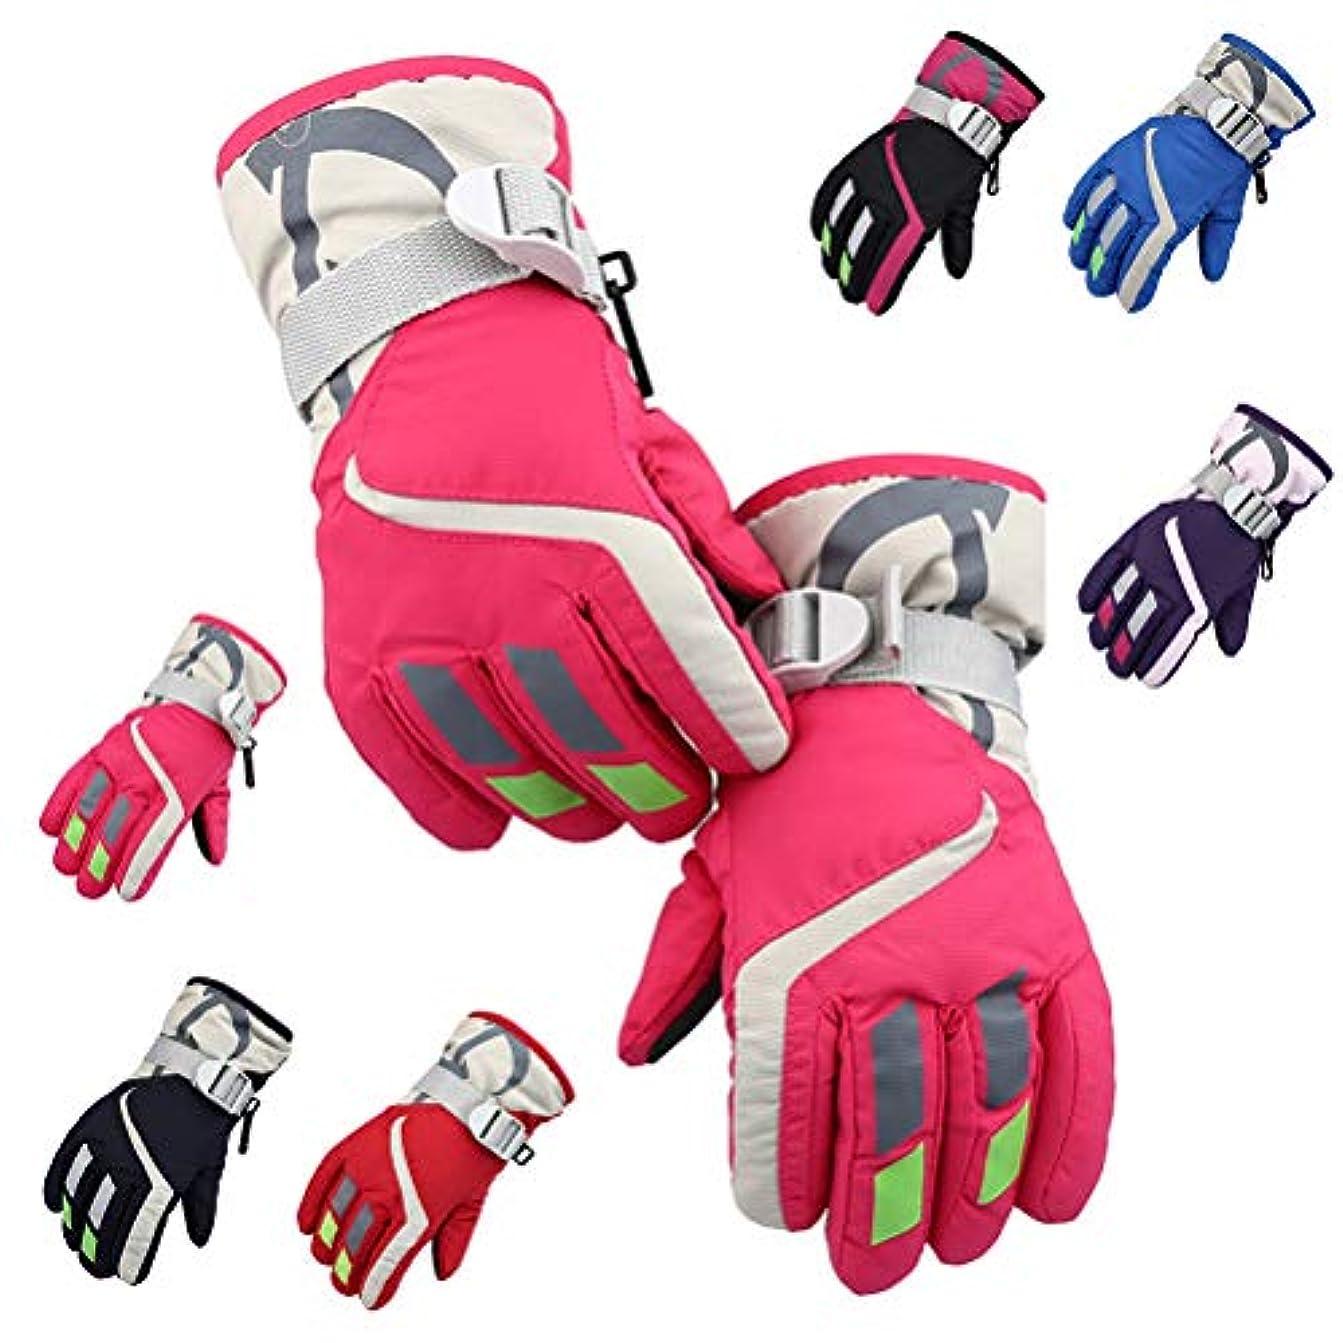 シャワーミント敬Blight スポーツグローブ子供用スキー手袋冬は、暖かい手袋調節可能な耐寒性手袋厚く防寒グローブ 保温 冬 厚手 革 防寒